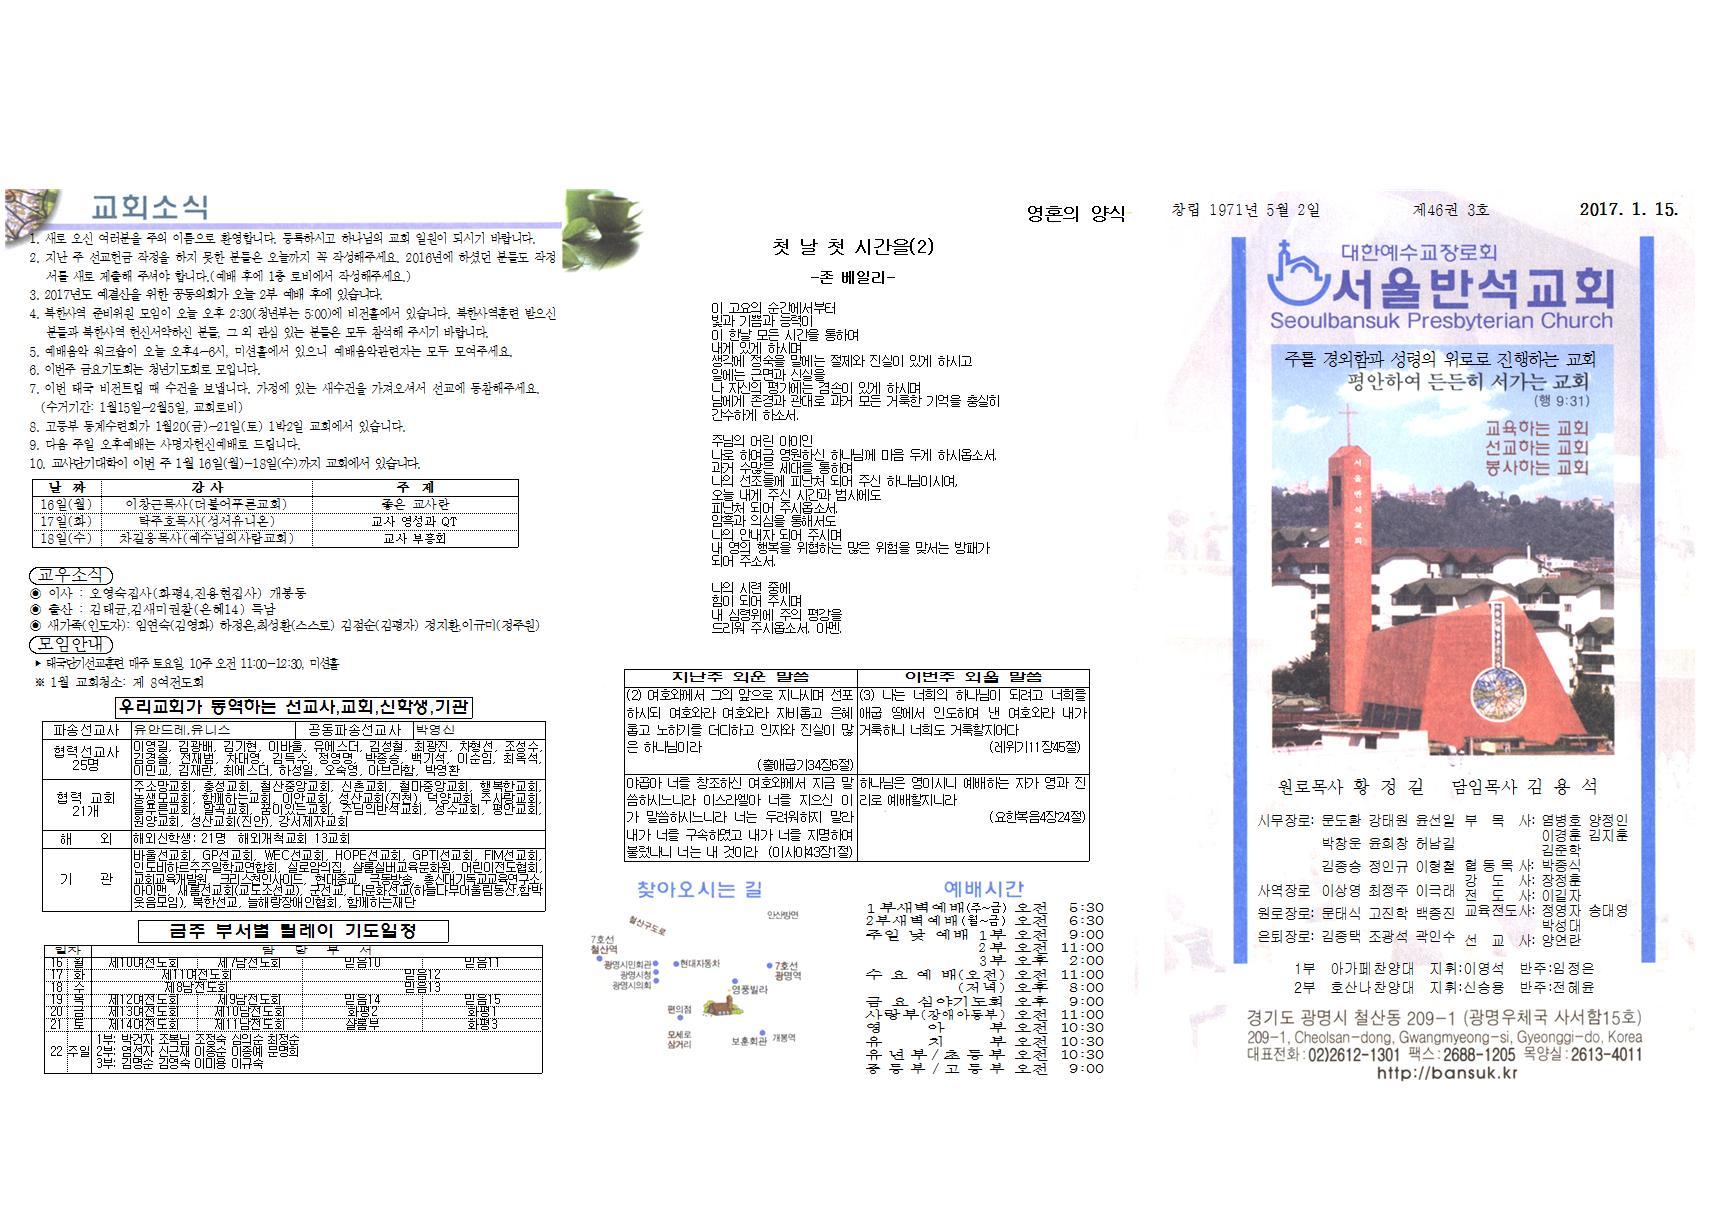 주보 제46권 3호(2017.01.15)